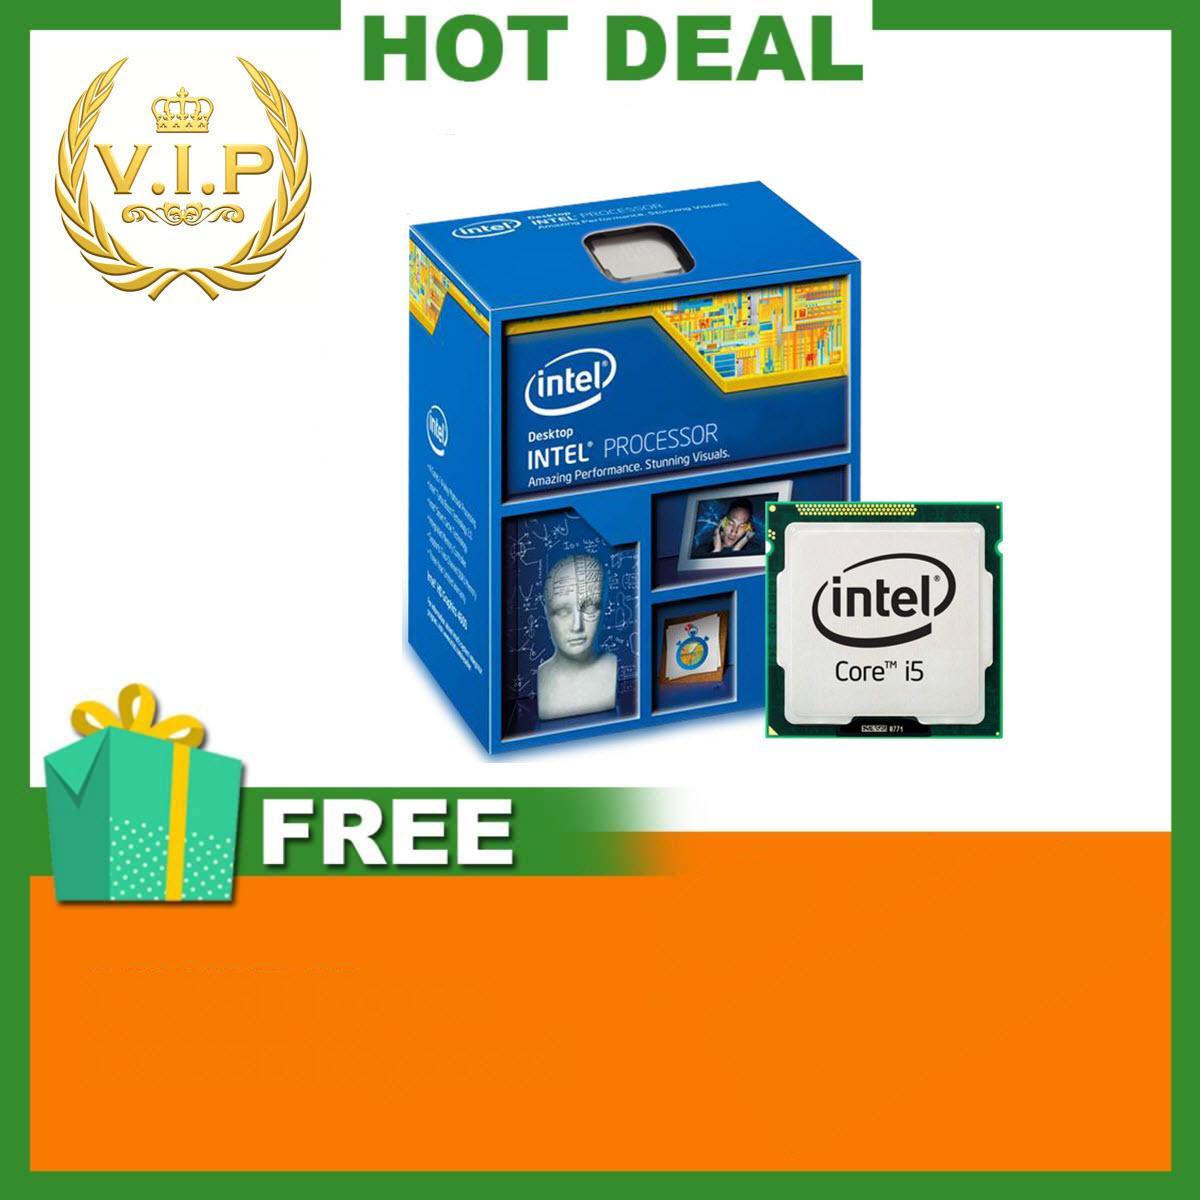 Vi xử lý Intel CPU Core I5 3470 (4 nhân- 4 luồng) Chất Lượng Tốt- Hàng Nhập Khẩu